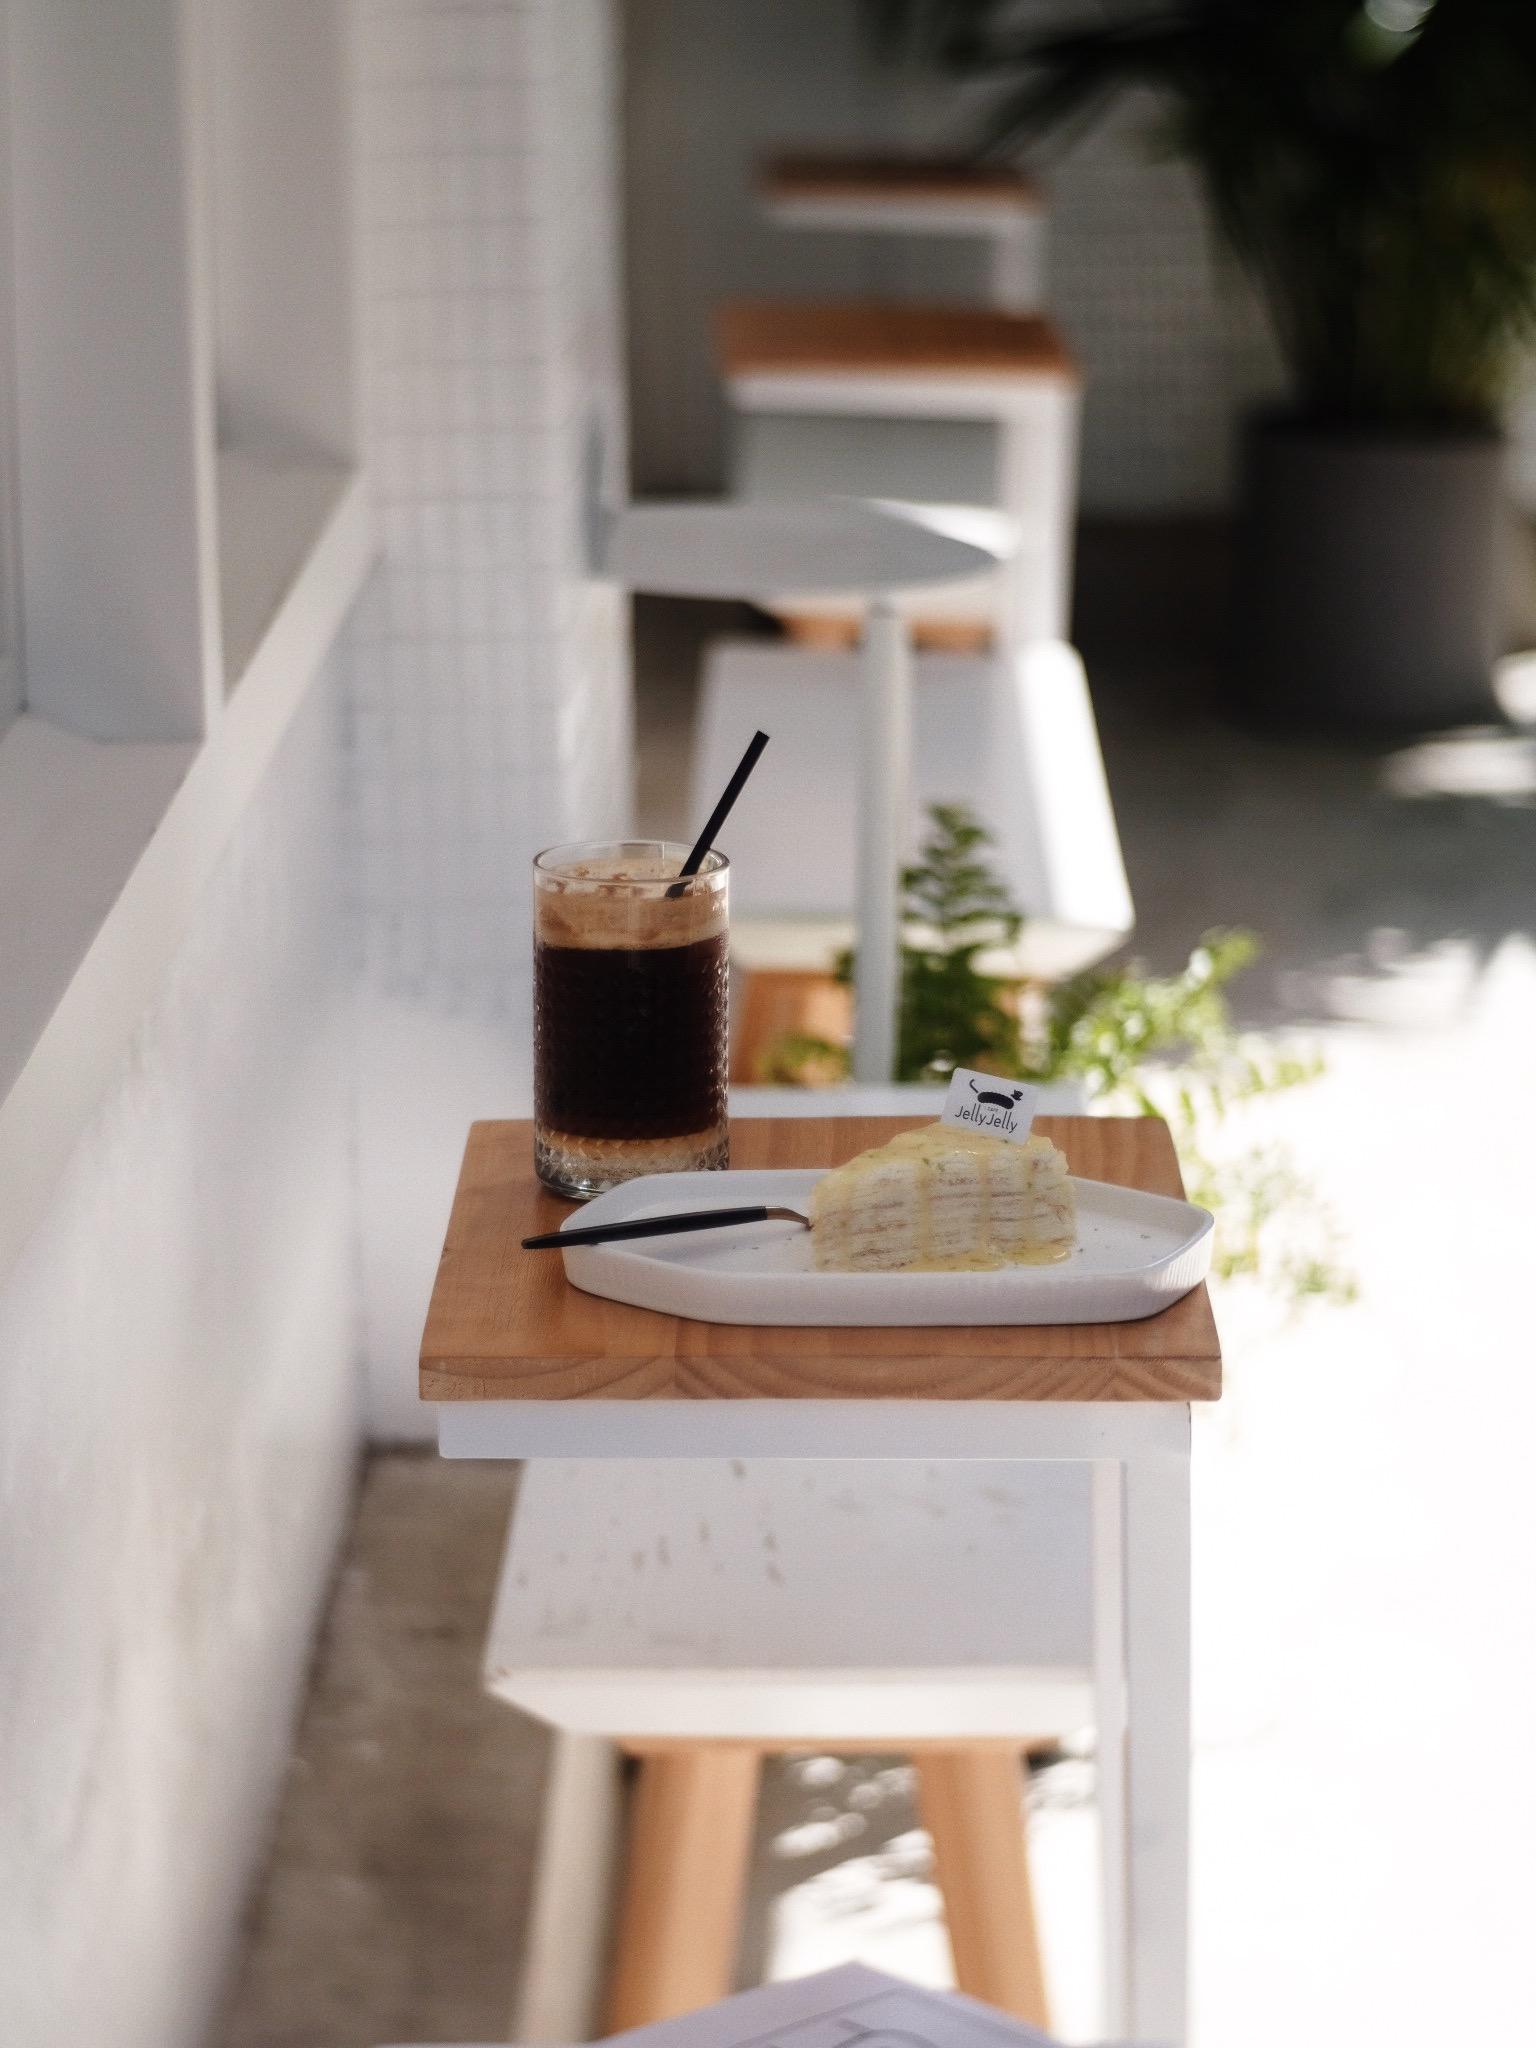 J E L L Y *゜J E L L Y 𓎹𓂃ᤲ𑀇 / JellyJelly 慢工烘焙  .  Lemon millecrepe cake with espresso frizz *゜ 檸檬千層 咖啡特調 烘焙店起家的jelly jelly 千層蛋糕非常軟熟 配上酸甜的檸檬淋醬 好吃 (覺得這個千層可以跟Lady M比,但還是LadyM好一點)  地址:台北市中正區臨沂街31-1號 時間:12:00-19:00 (週一、週二公休)